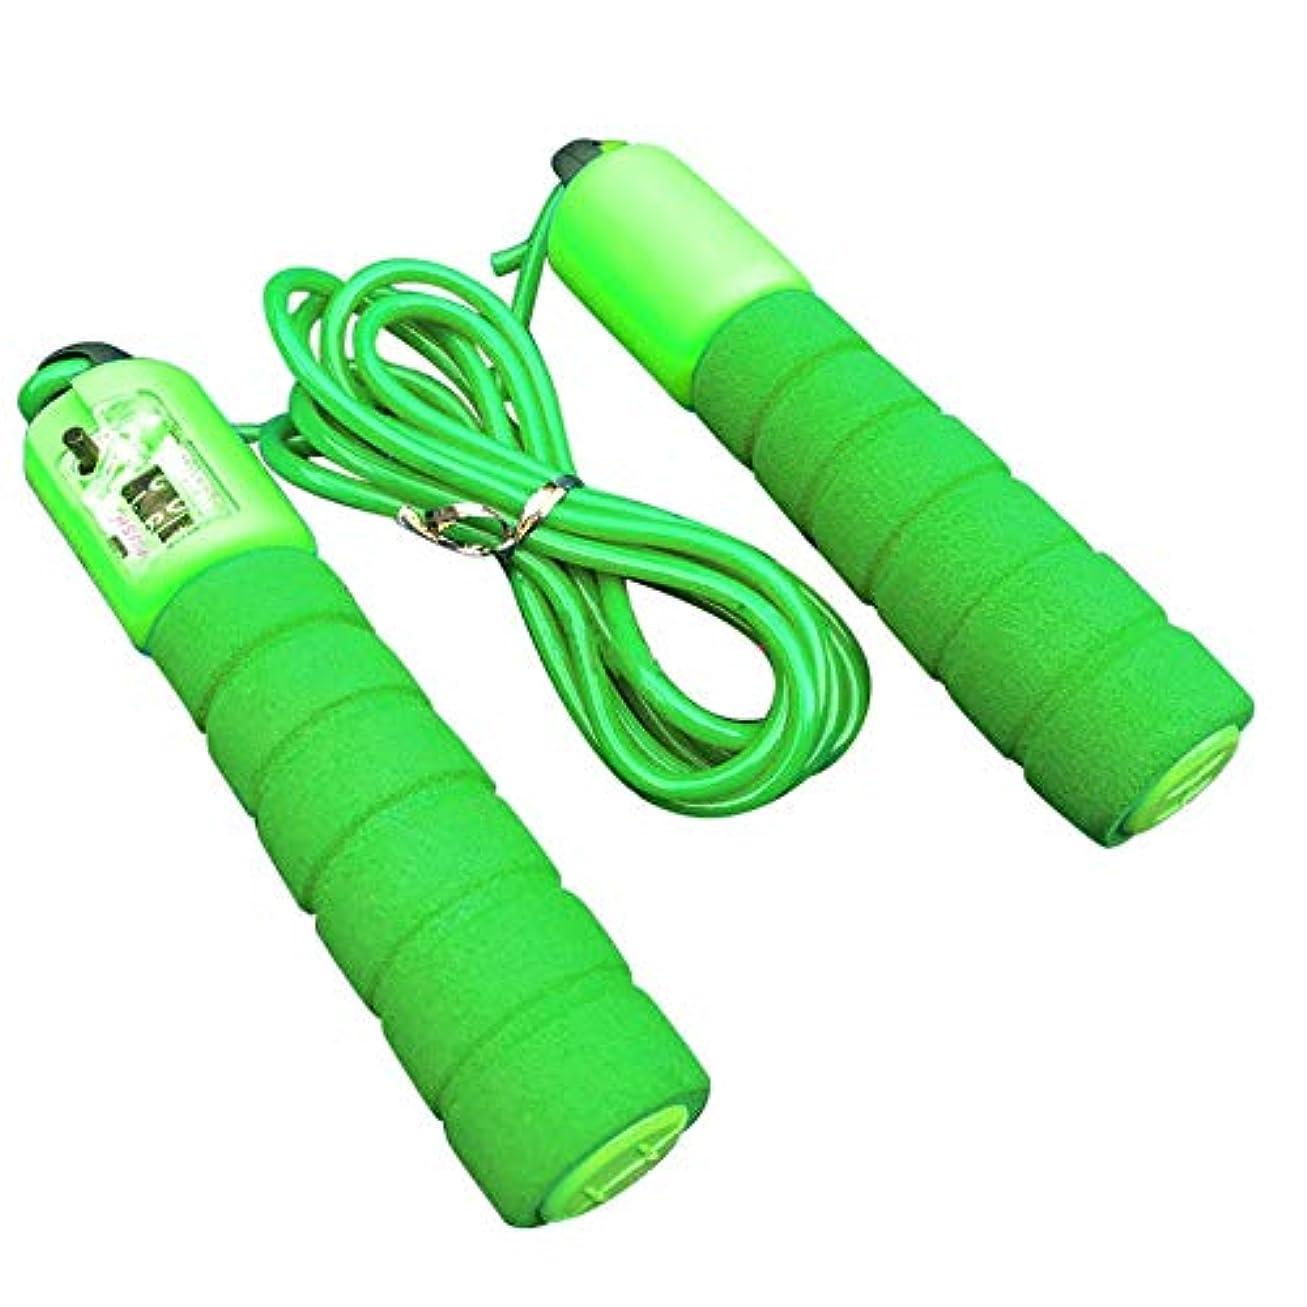 下位ペフ隙間調節可能なプロフェッショナルカウント縄跳び自動カウントジャンプロープフィットネス運動高速カウントジャンプロープ - グリーン